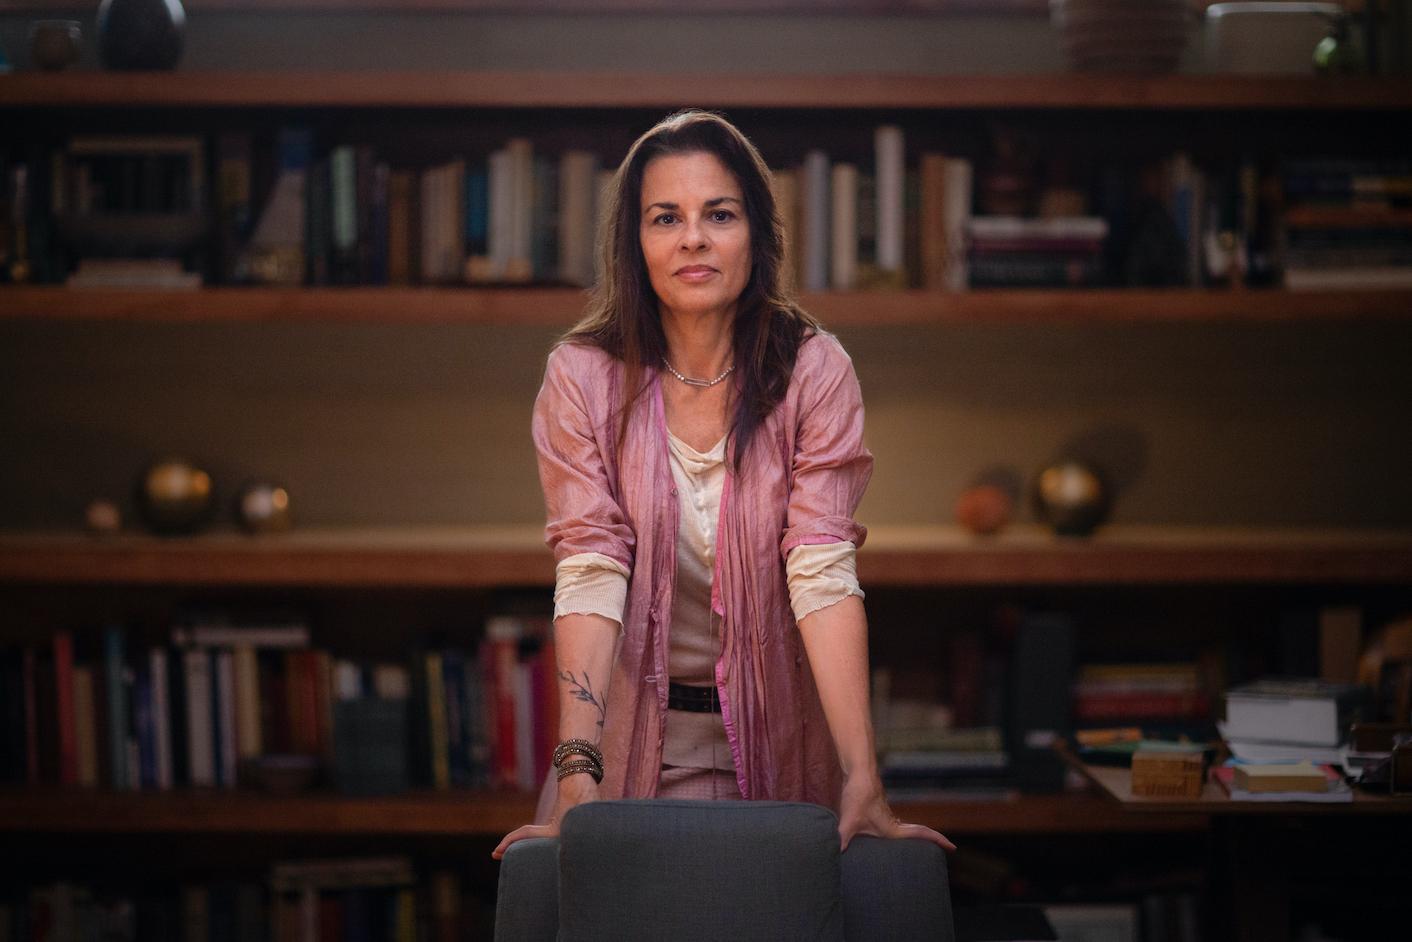 Трейлер второго сезона сериала «Терапия для пар»: Доктор Орна рассказывает о трех парах и пандемии